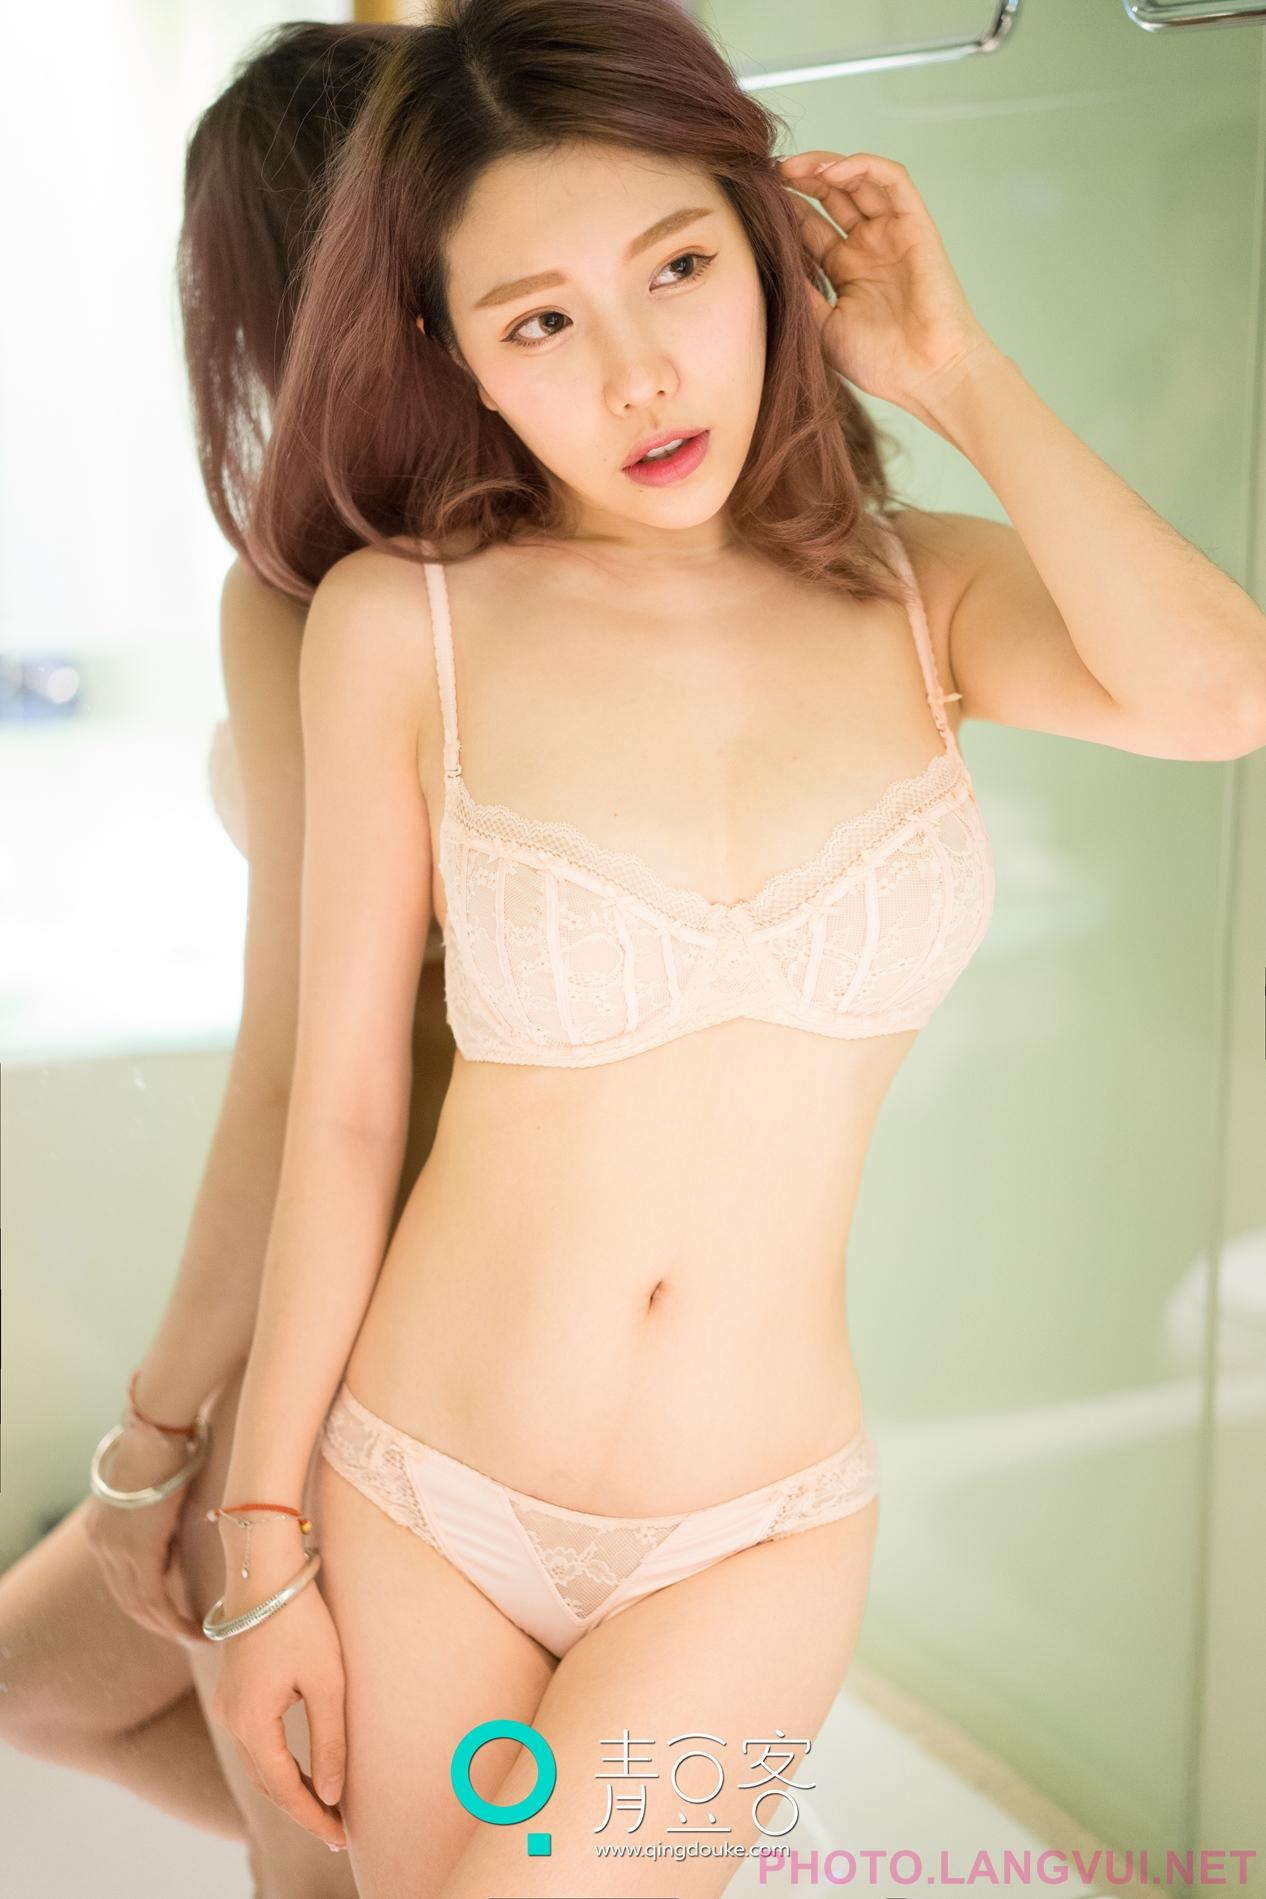 QingDouKe Vol 2017 02 09